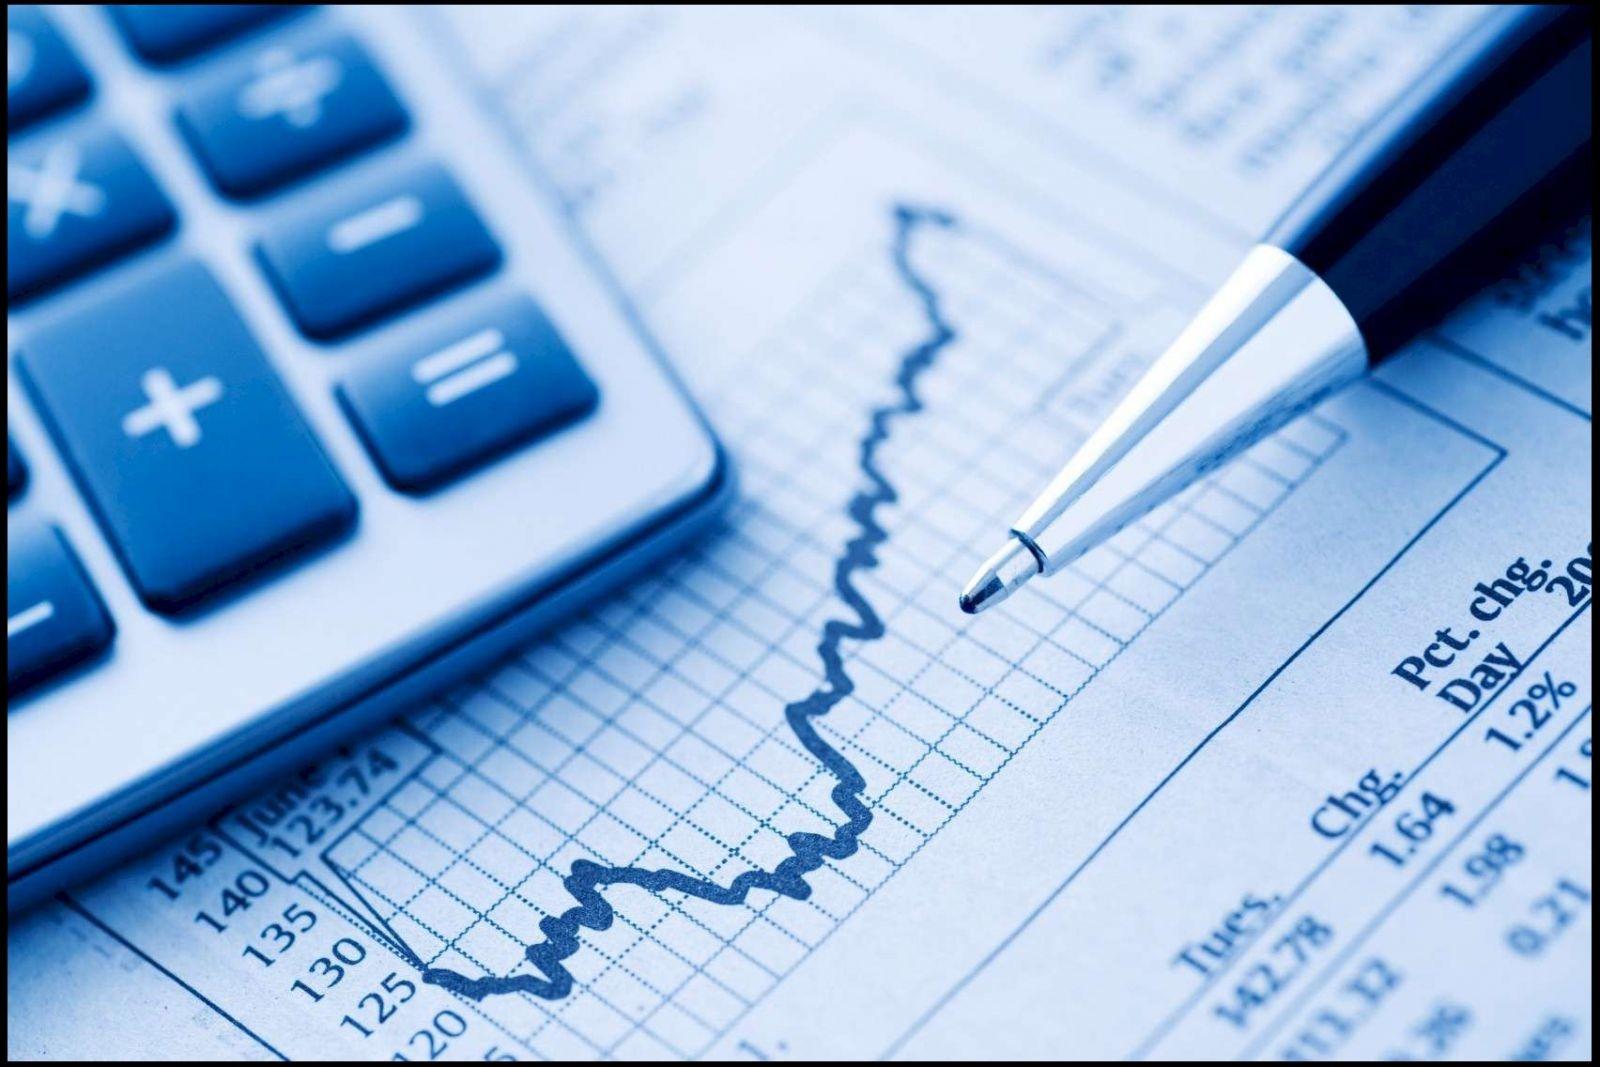 Làm thuê báo cáo thực tập kế toán